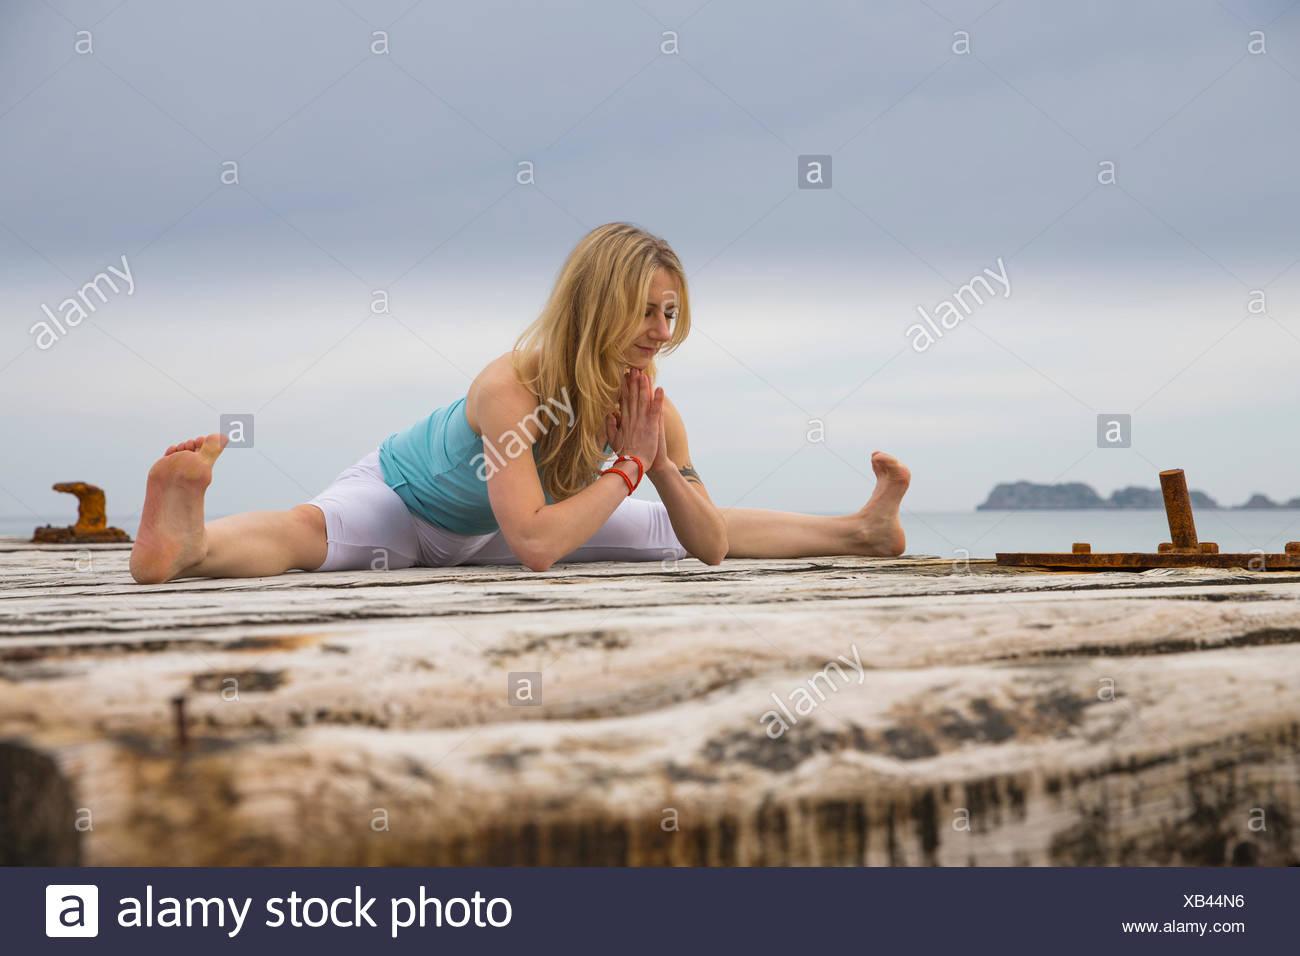 Mitad mujer adulta con manos juntas practicando yoga en Mar del muelle de madera Foto de stock